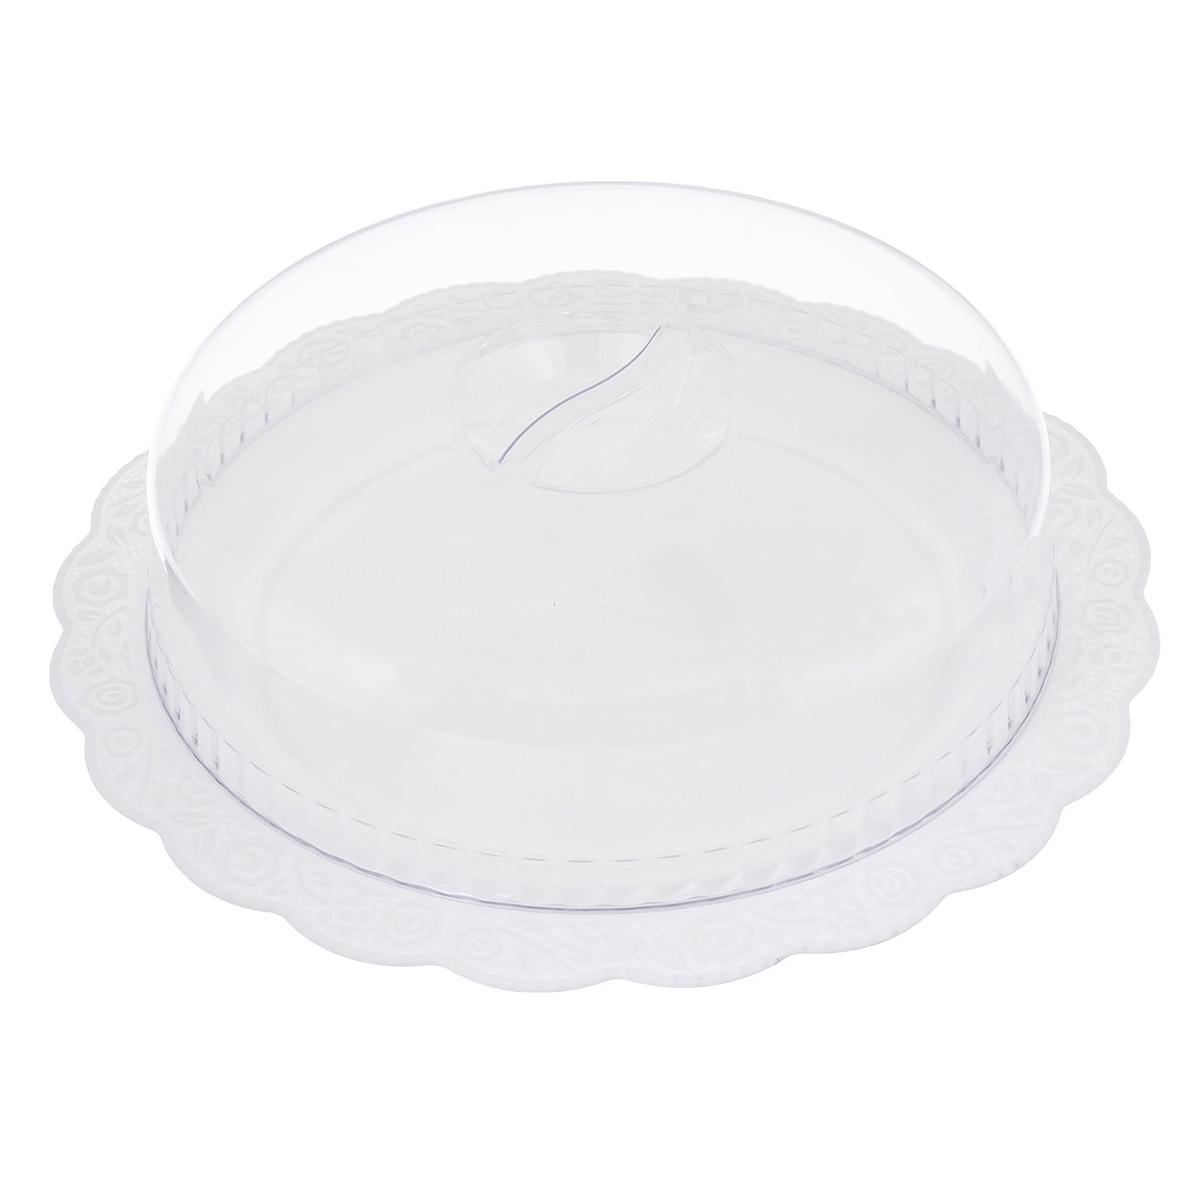 Блюдо Альтернатива Нежность, с крышкой, цвет: белый, прозрачный, диаметр 36,5 смM1206Круглое блюдо Альтернатива Нежность, выполненное из высококачественного пищевого пластика, оснащено прозрачной крышкой. Волнообразные края изделия оформлены красивым рельефным рисунком. Блюдо идеально для подачи торта и больших пирогов. Оригинальный дизайн придется по вкусу и ценителям классики, и тем, кто предпочитает утонченность и изысканность. Диаметр блюда: 36,5 см. Диаметр крышки: 28 см. Высота (с учетом крышки): 10 см.